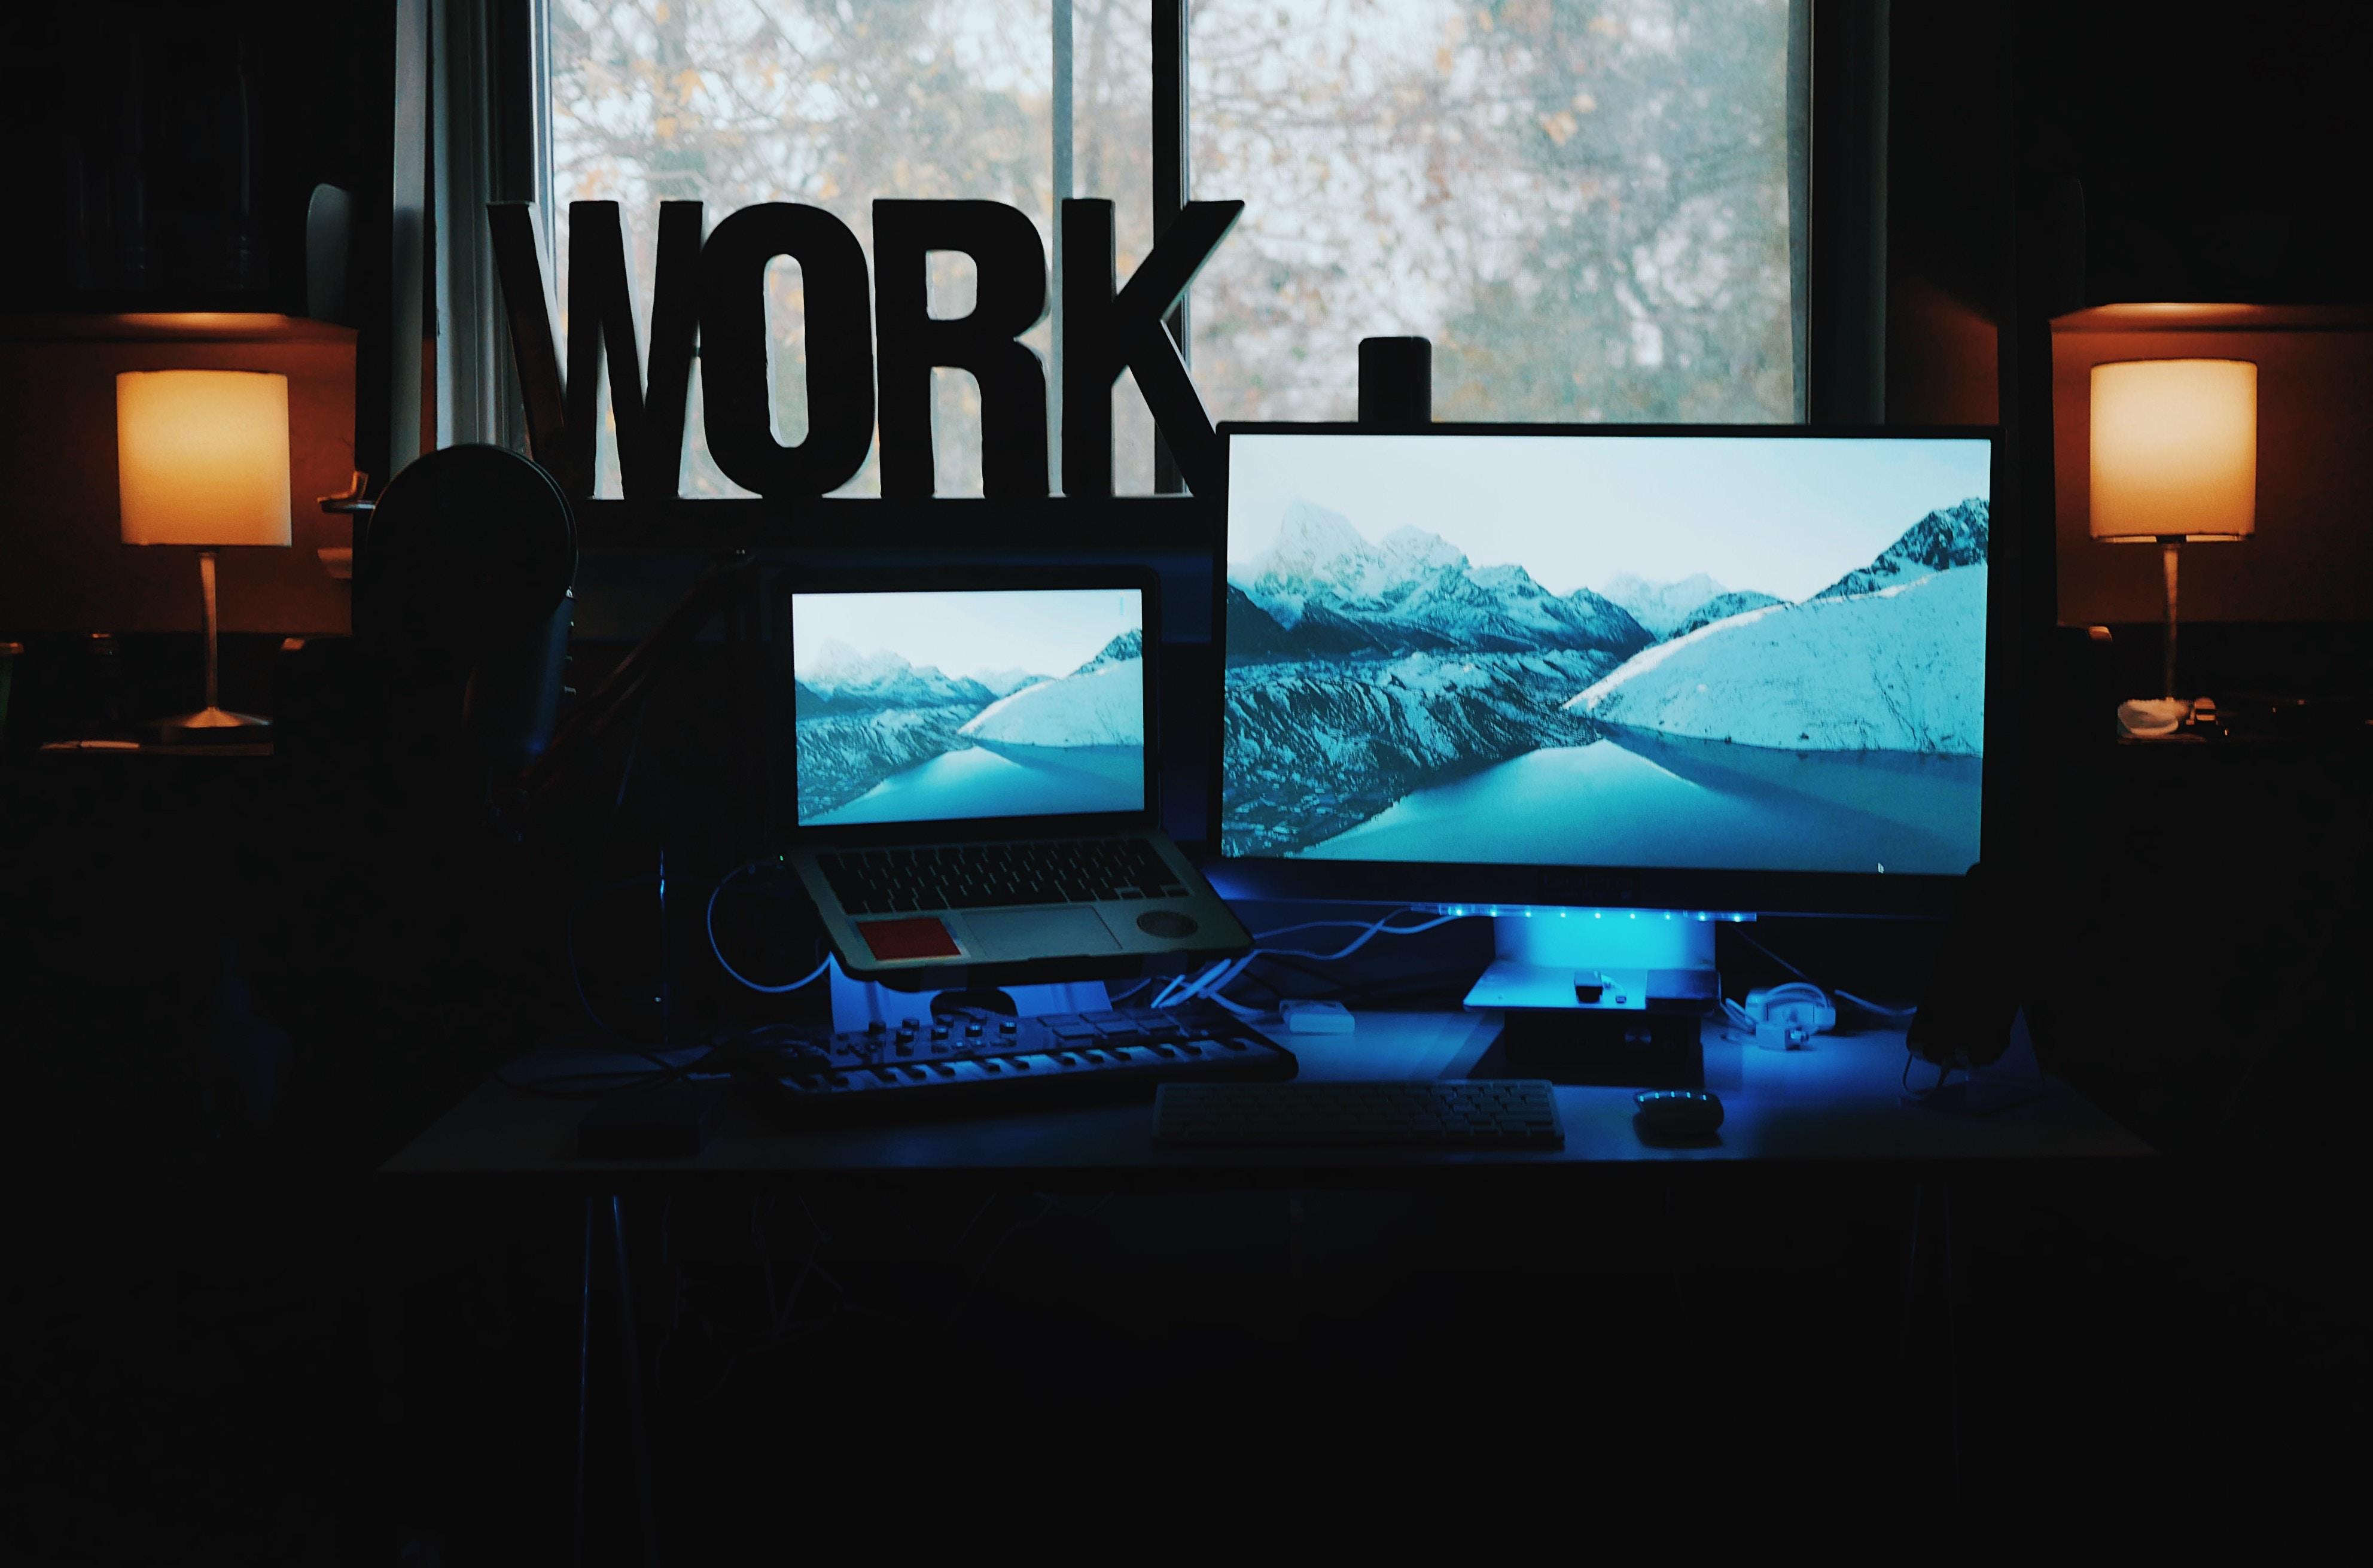 trabajo, freelance, work